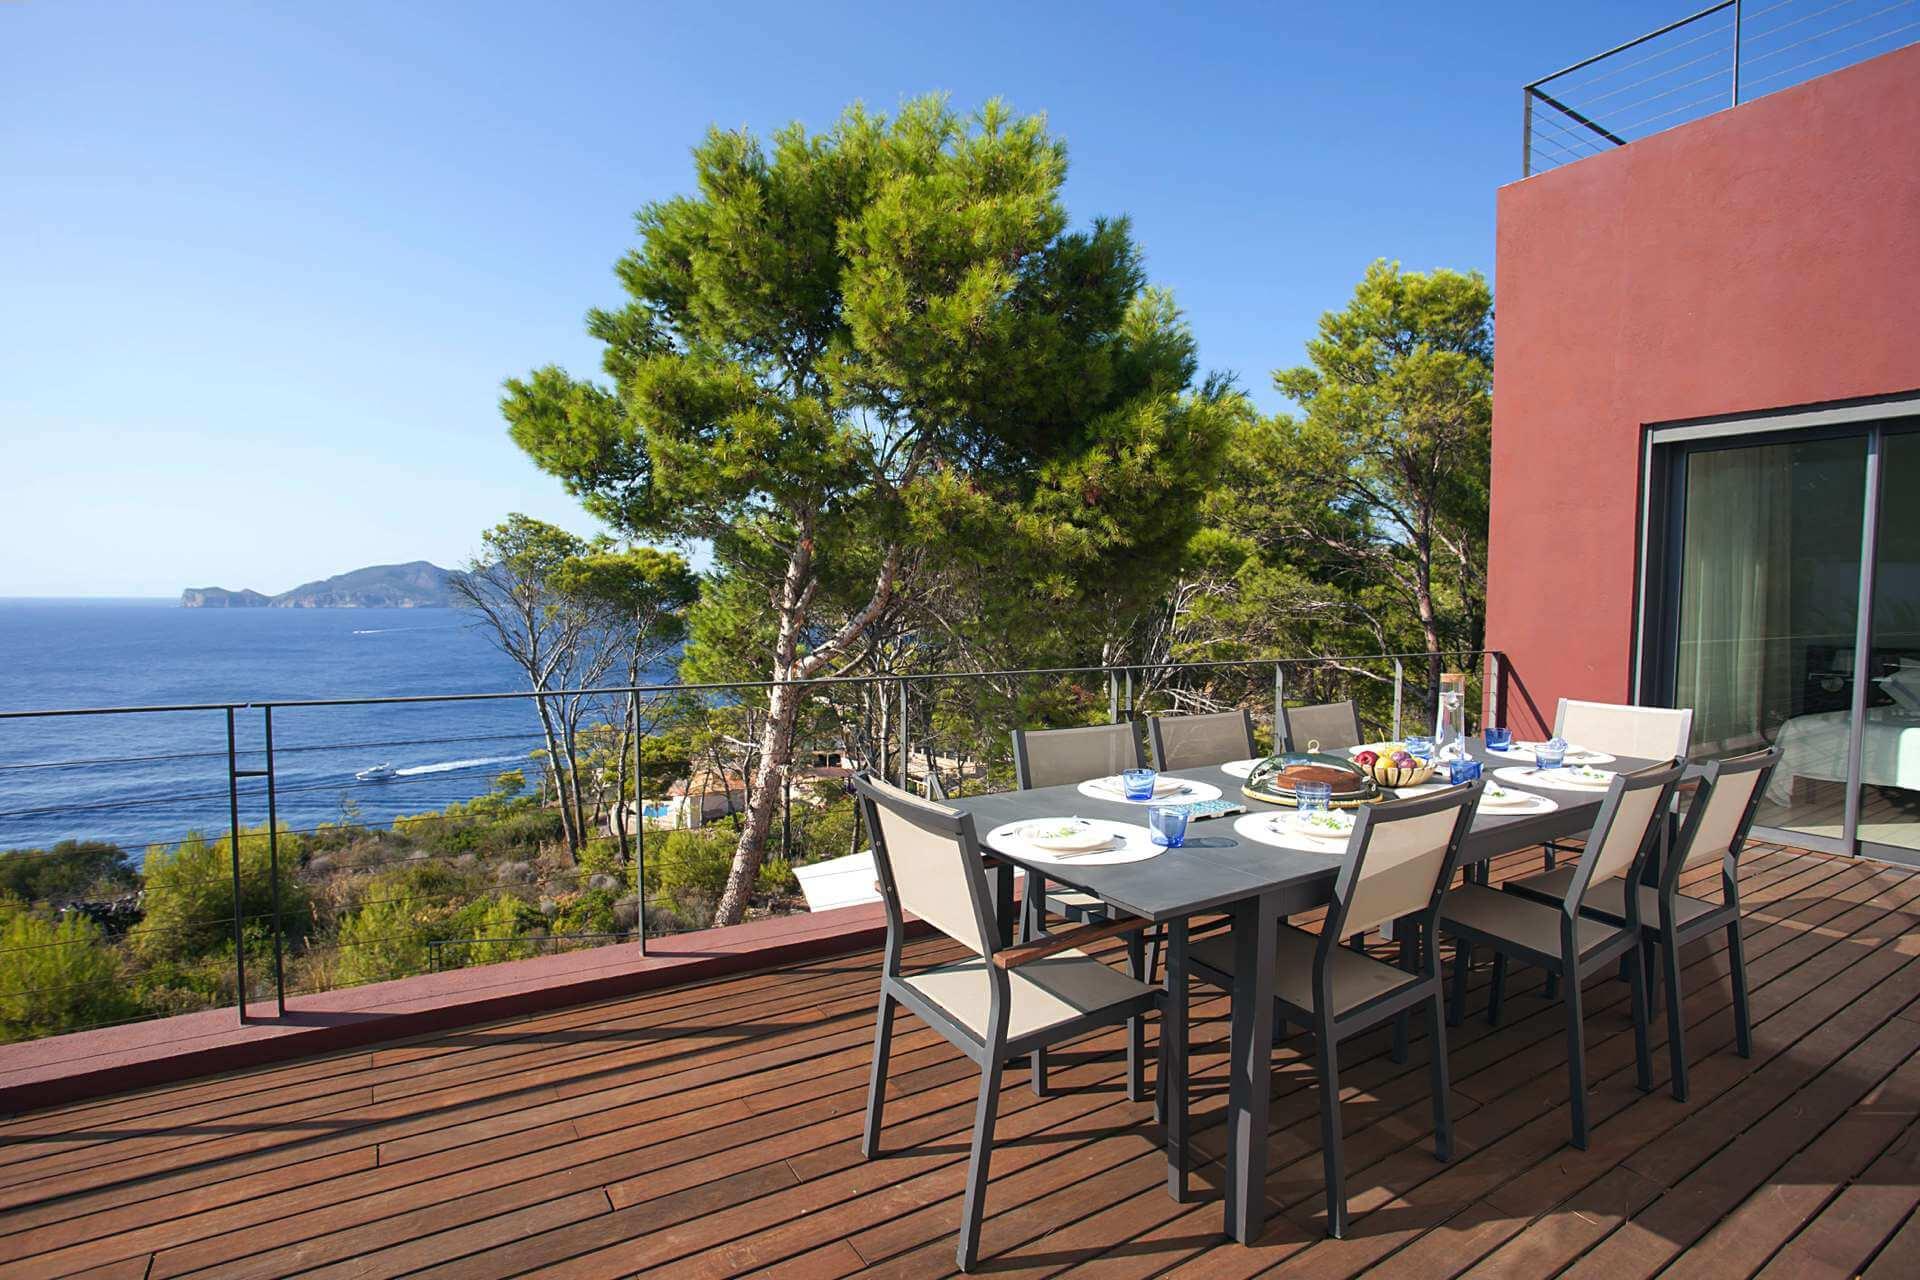 01-332 Sea view Villa Mallorca southwest Bild 13